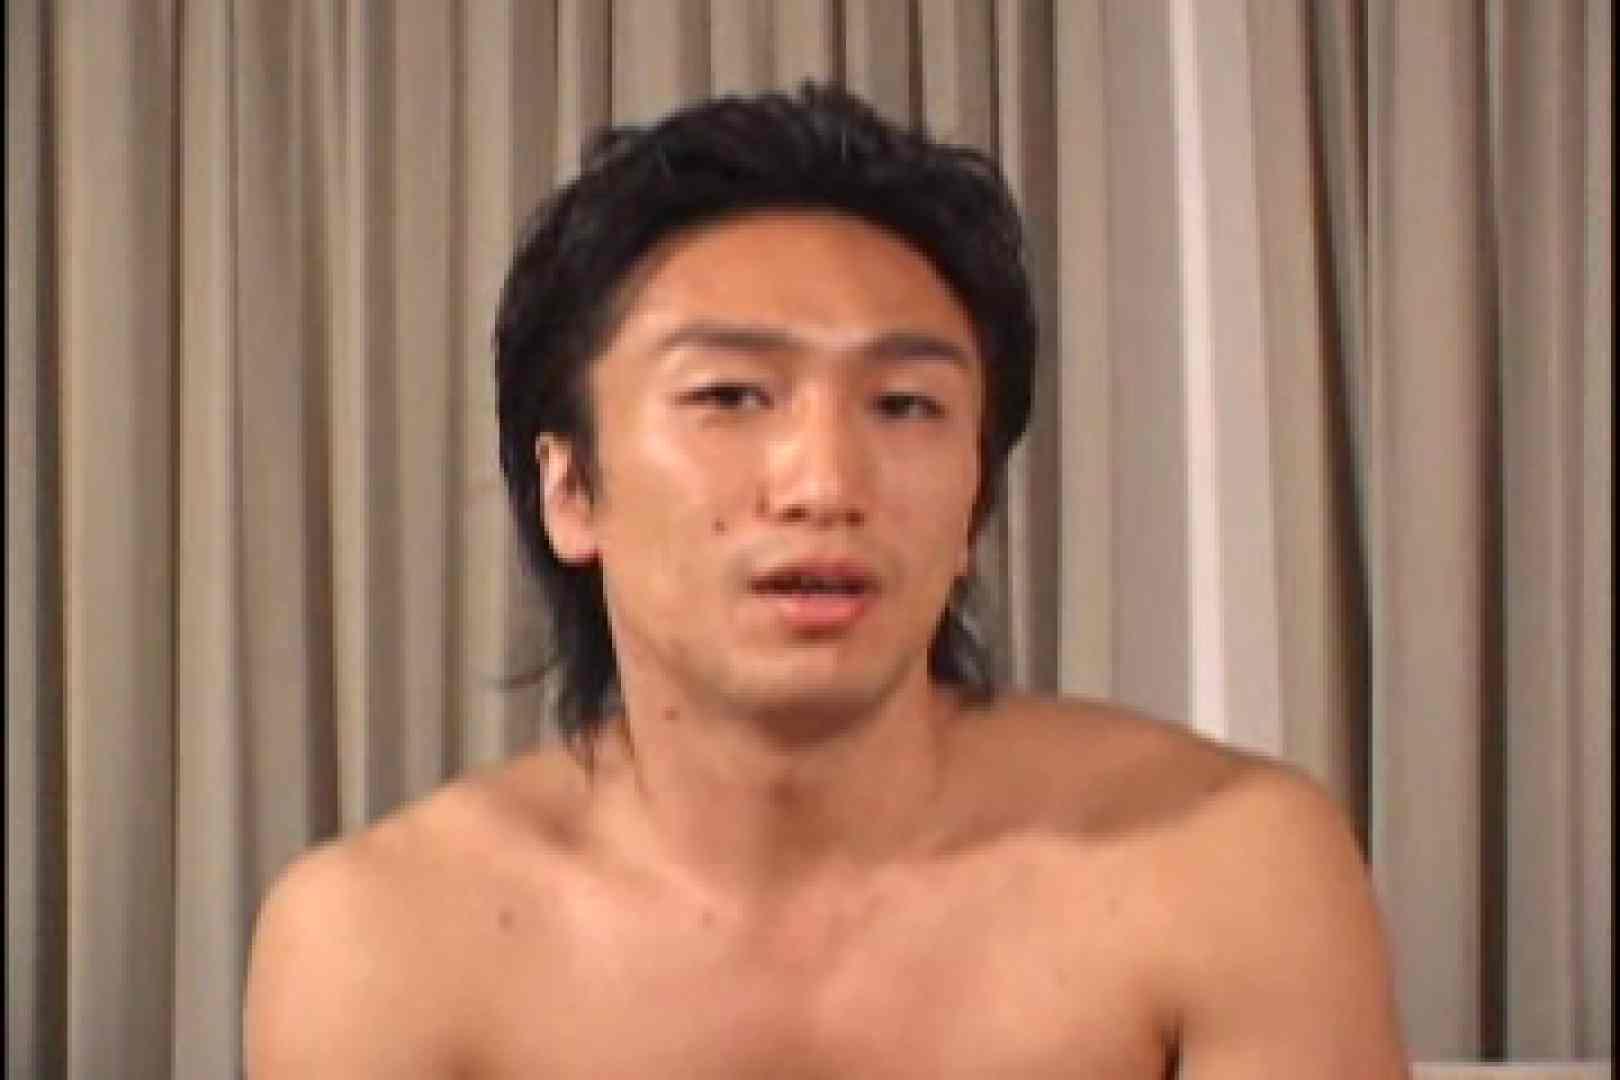 BEST OF イケメン!!男目線のガチSEX vol.04(対女性作品) 男の世界 ゲイ無修正画像 55画像 26